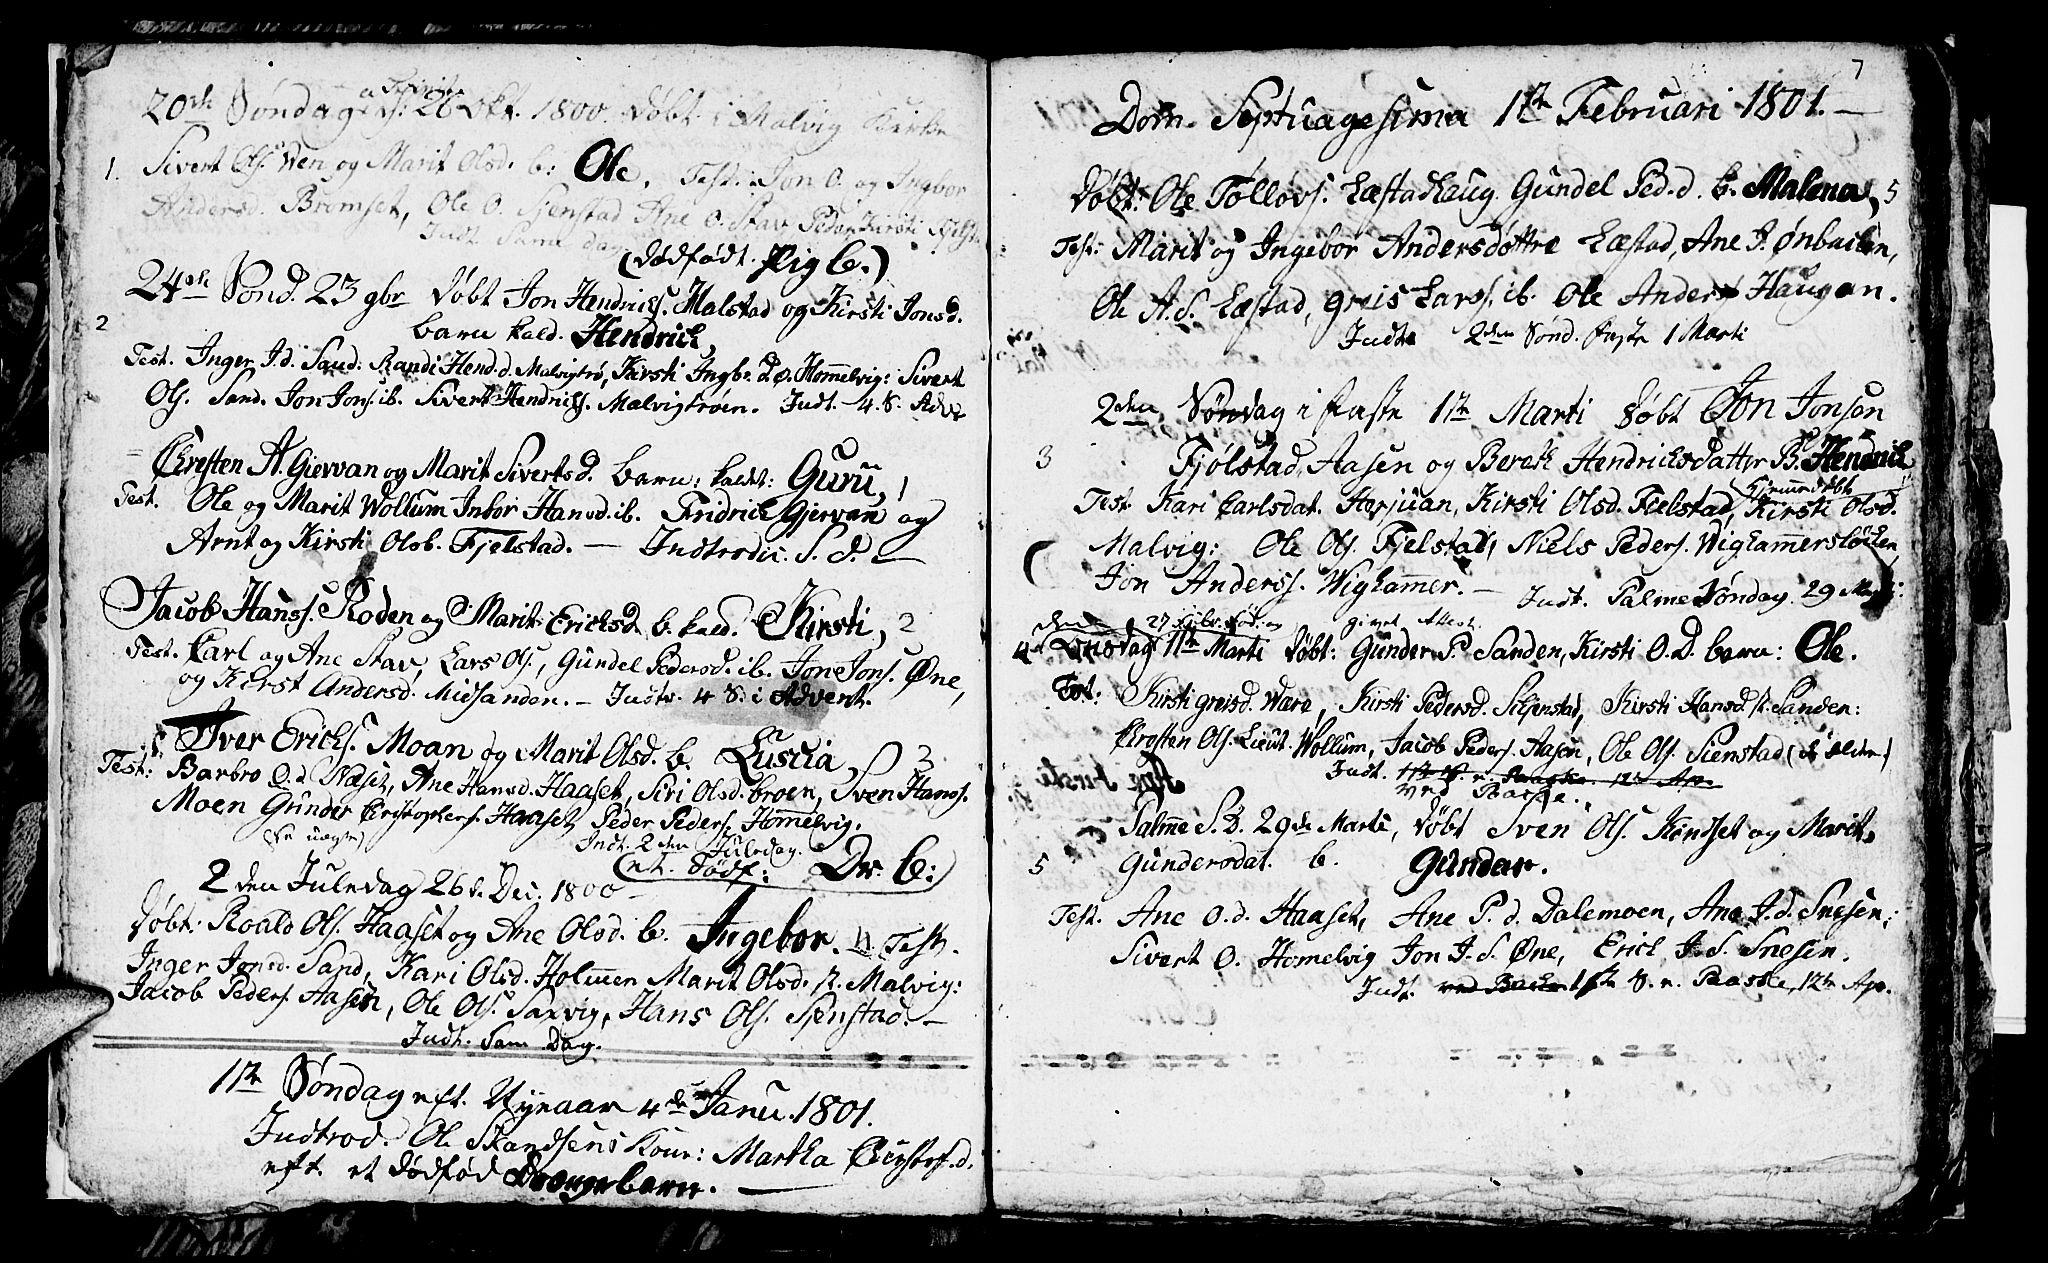 SAT, Ministerialprotokoller, klokkerbøker og fødselsregistre - Sør-Trøndelag, 616/L0419: Klokkerbok nr. 616C02, 1797-1816, s. 7